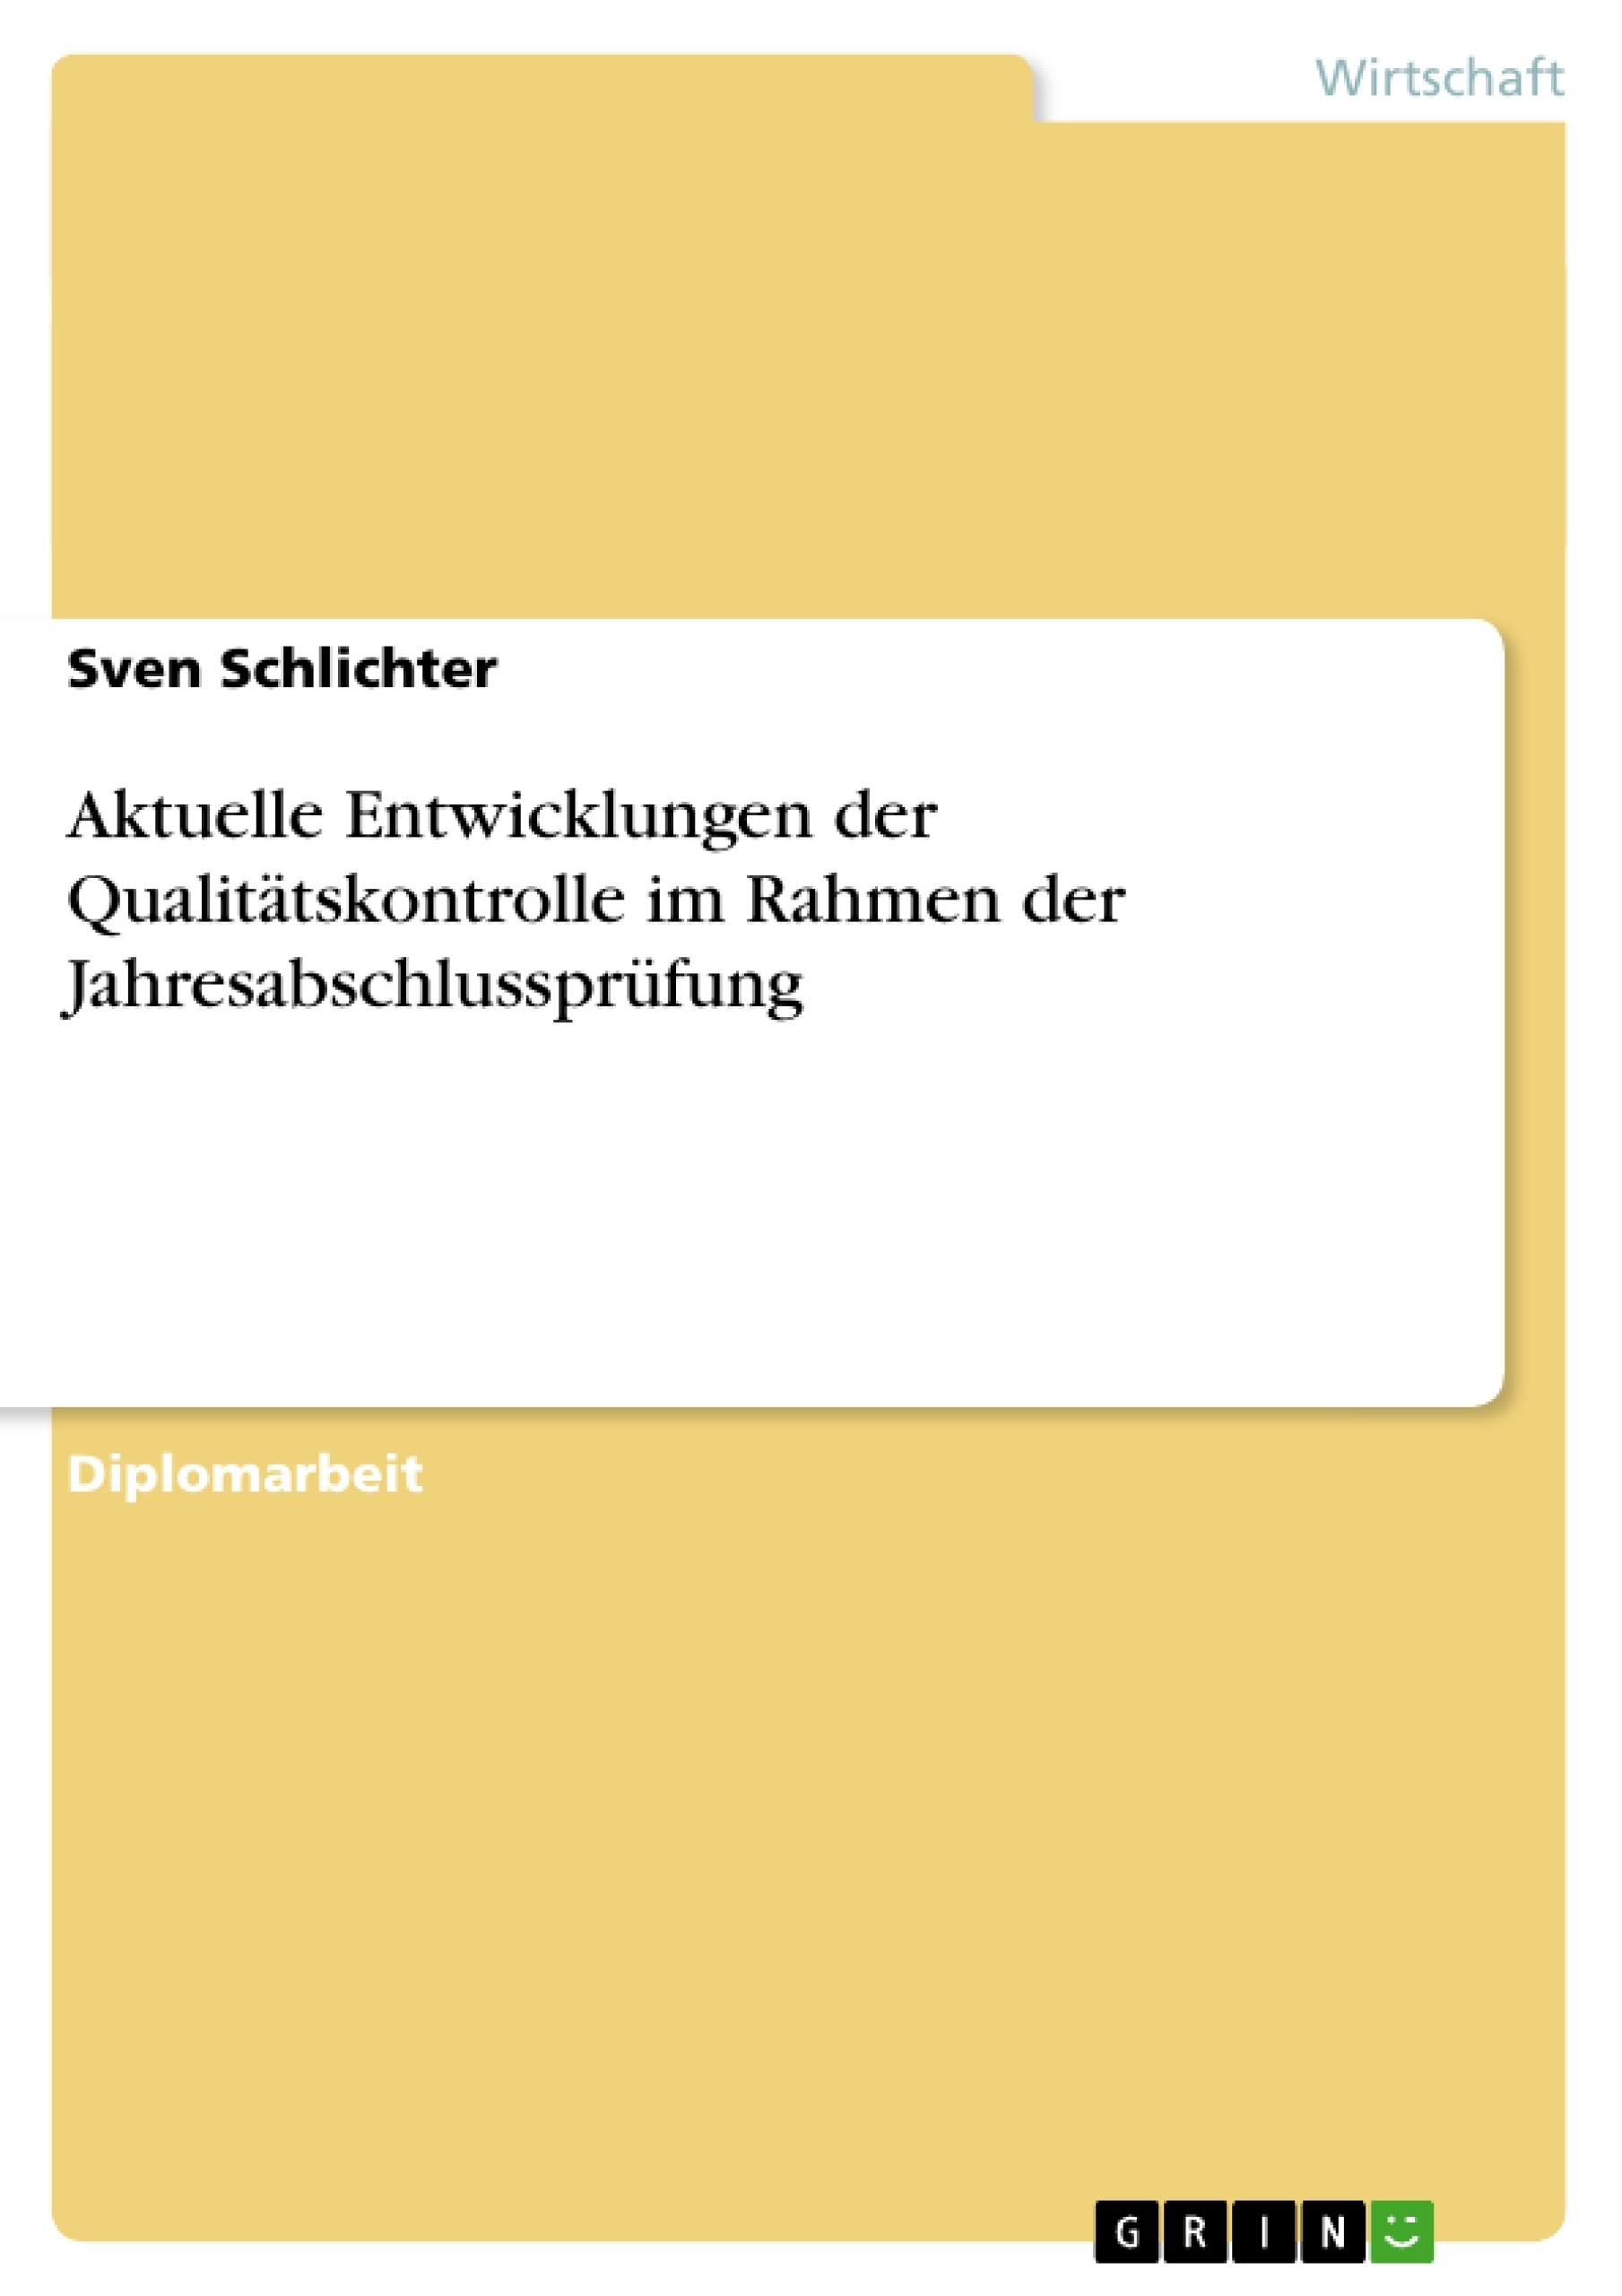 Titel: Aktuelle Entwicklungen der Qualitätskontrolle im Rahmen der Jahresabschlussprüfung